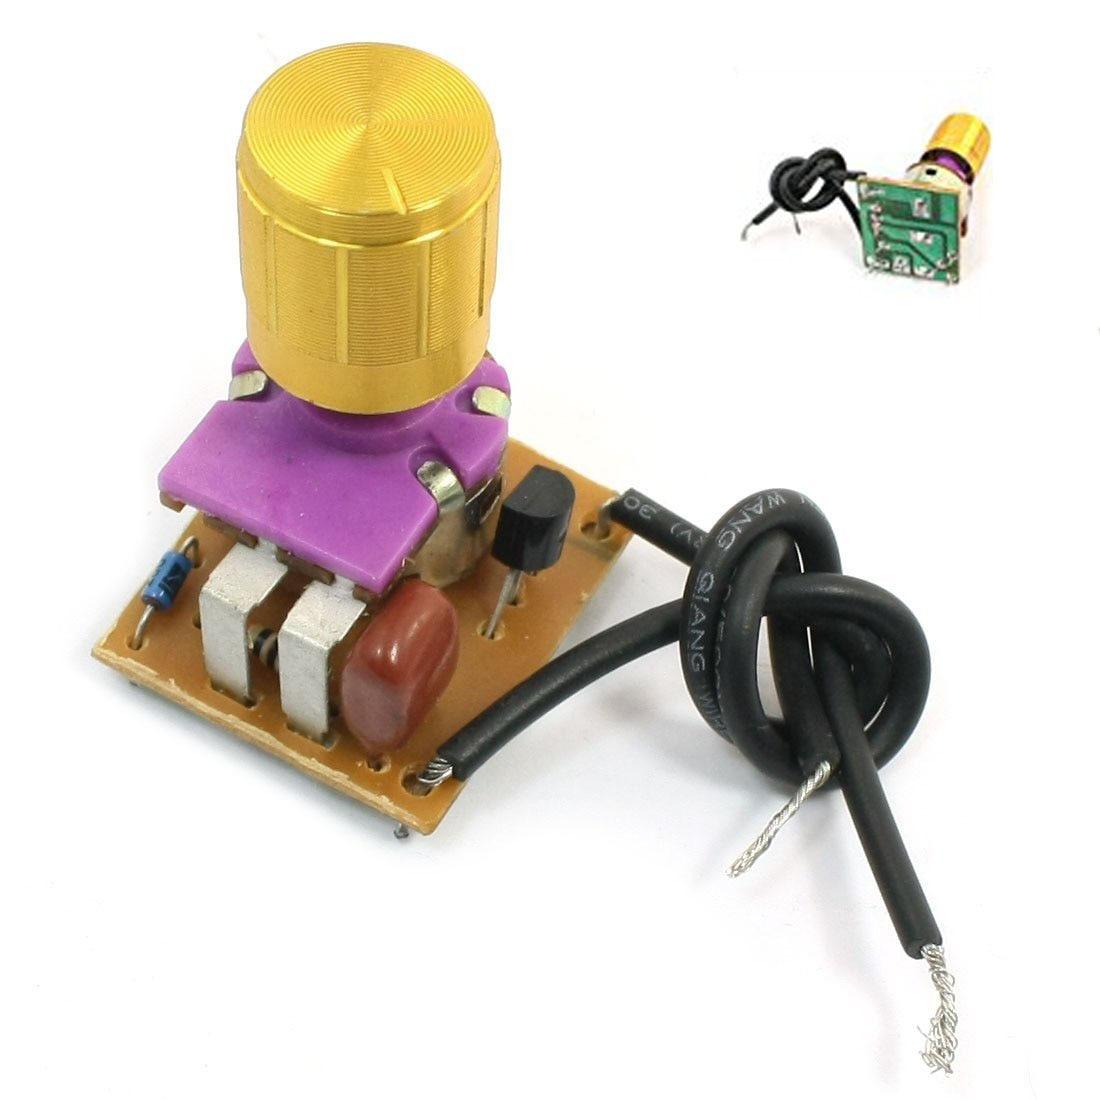 Jfbl 2x Горячие настольная лампа полный спектр диммер золотой тон поворотный переключатель 2 Провода разъем